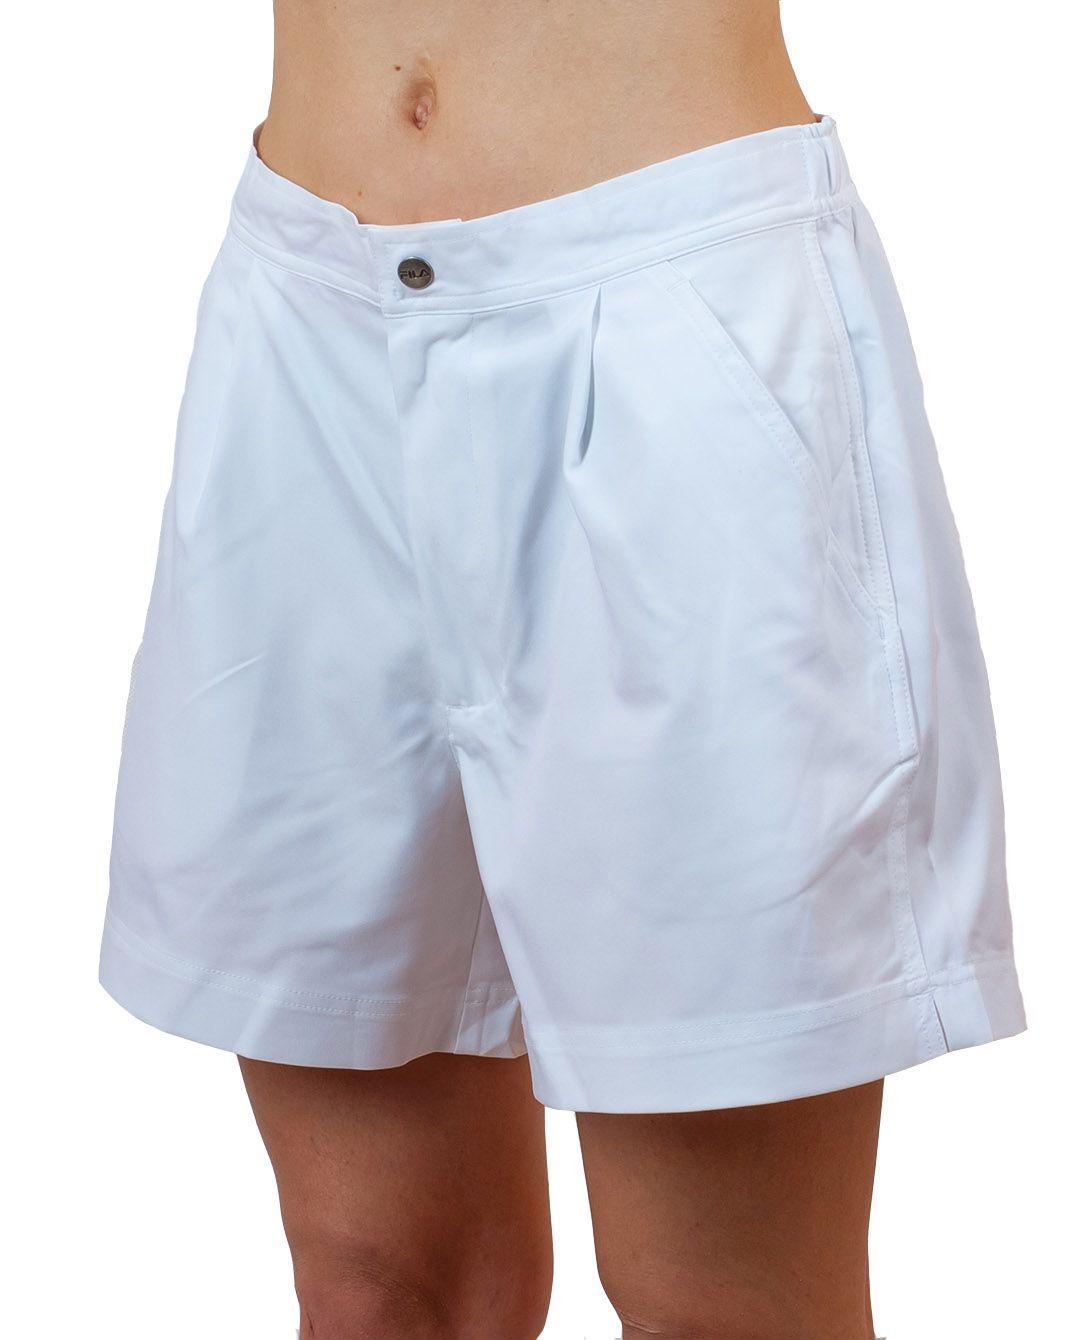 Купить женские шорты в Адлере